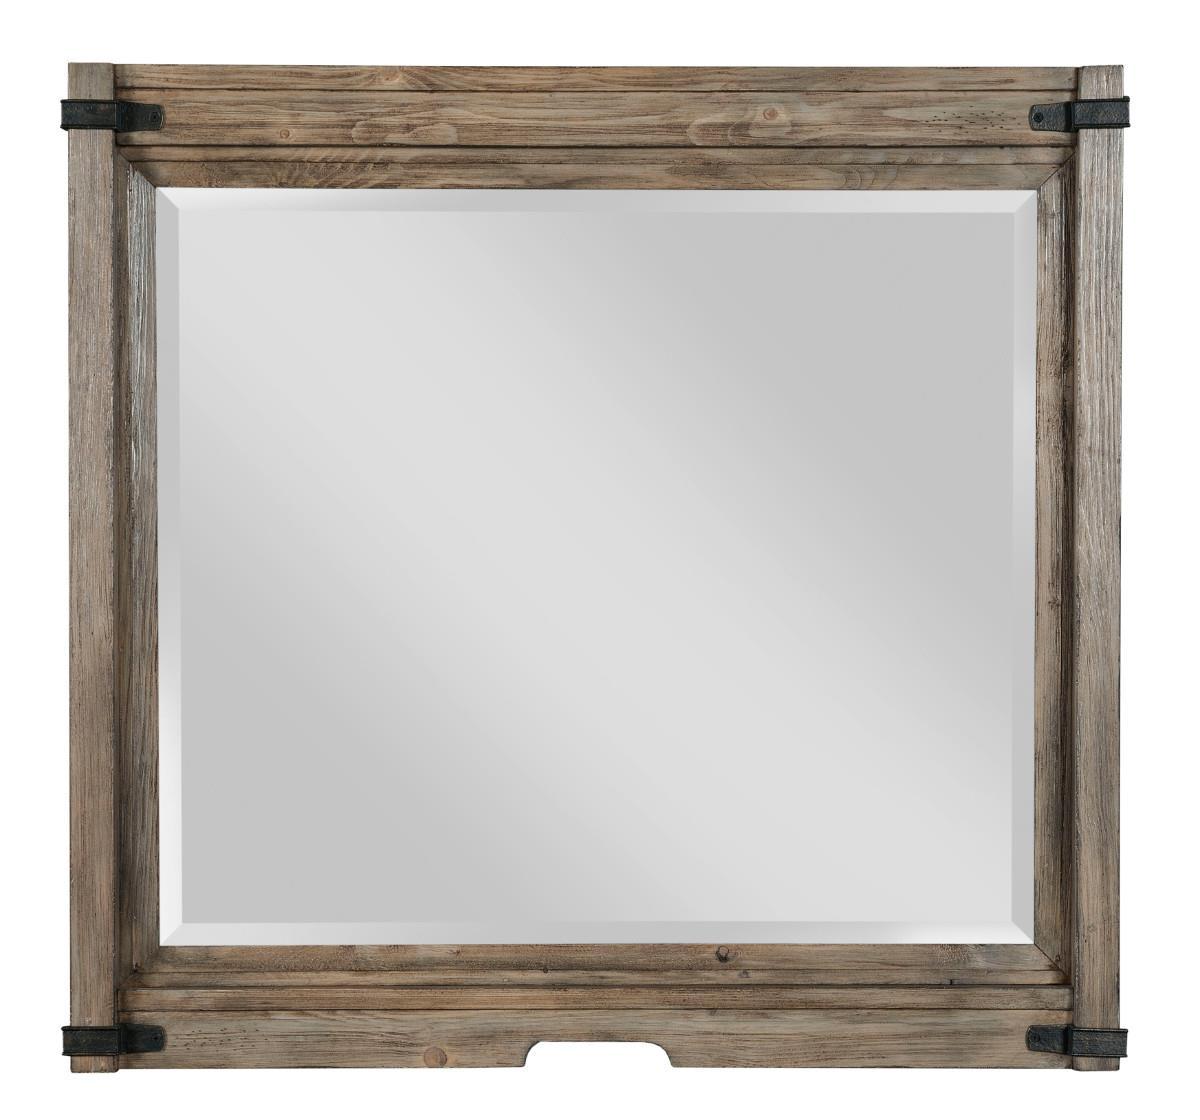 Kincaid Furniture Foundry Bureau Mirror - Item Number: 59-118